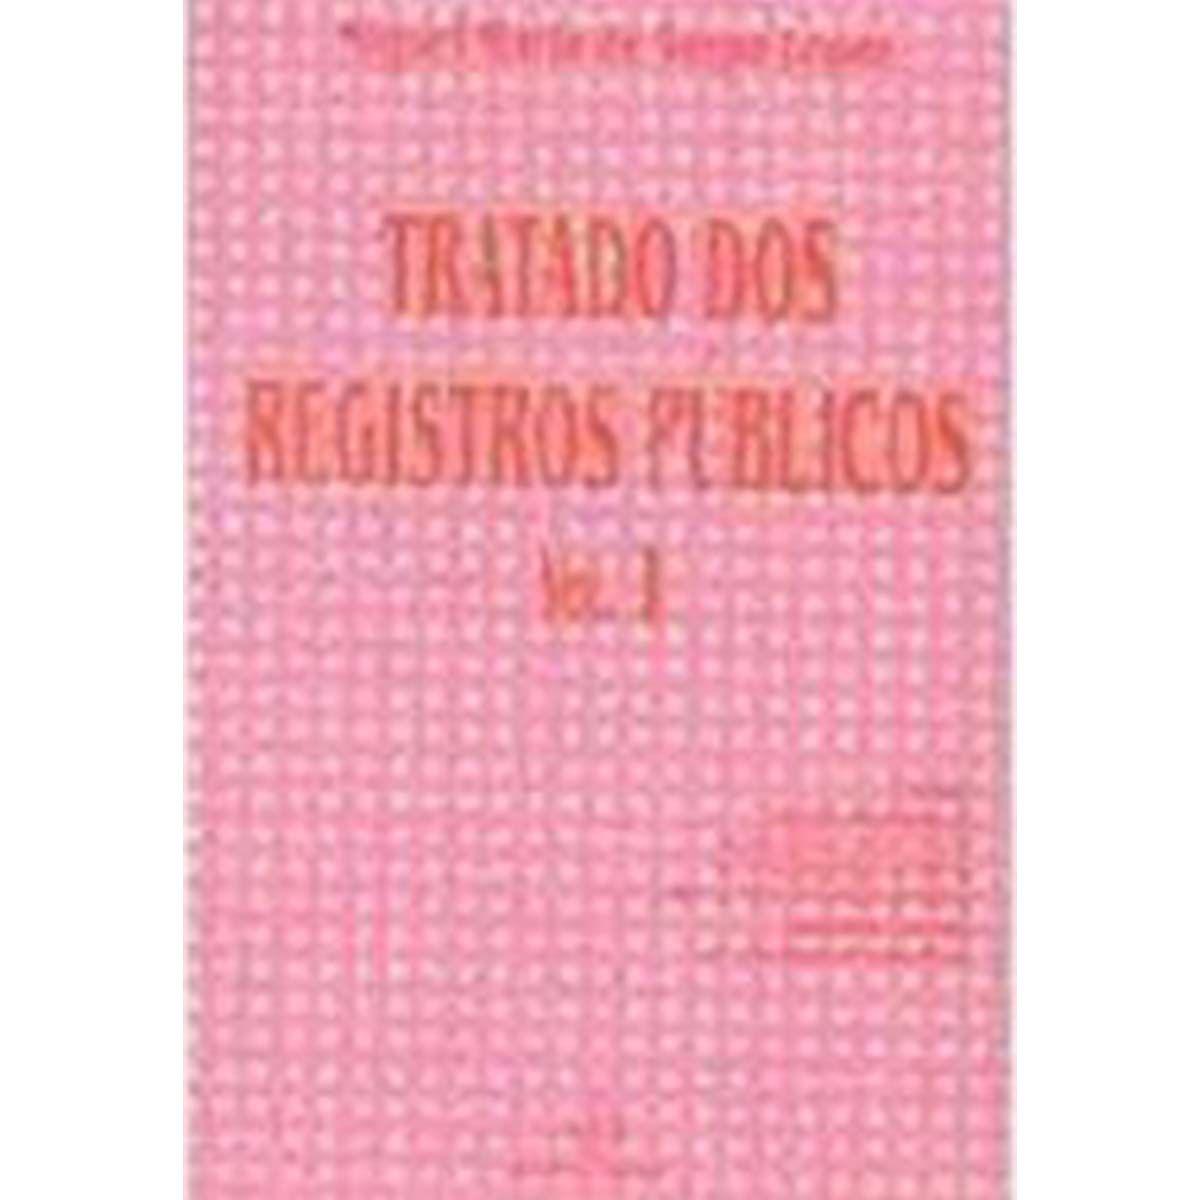 Coleção Tratado de Registros Públicos 4 Volumes - Serpa Lopes